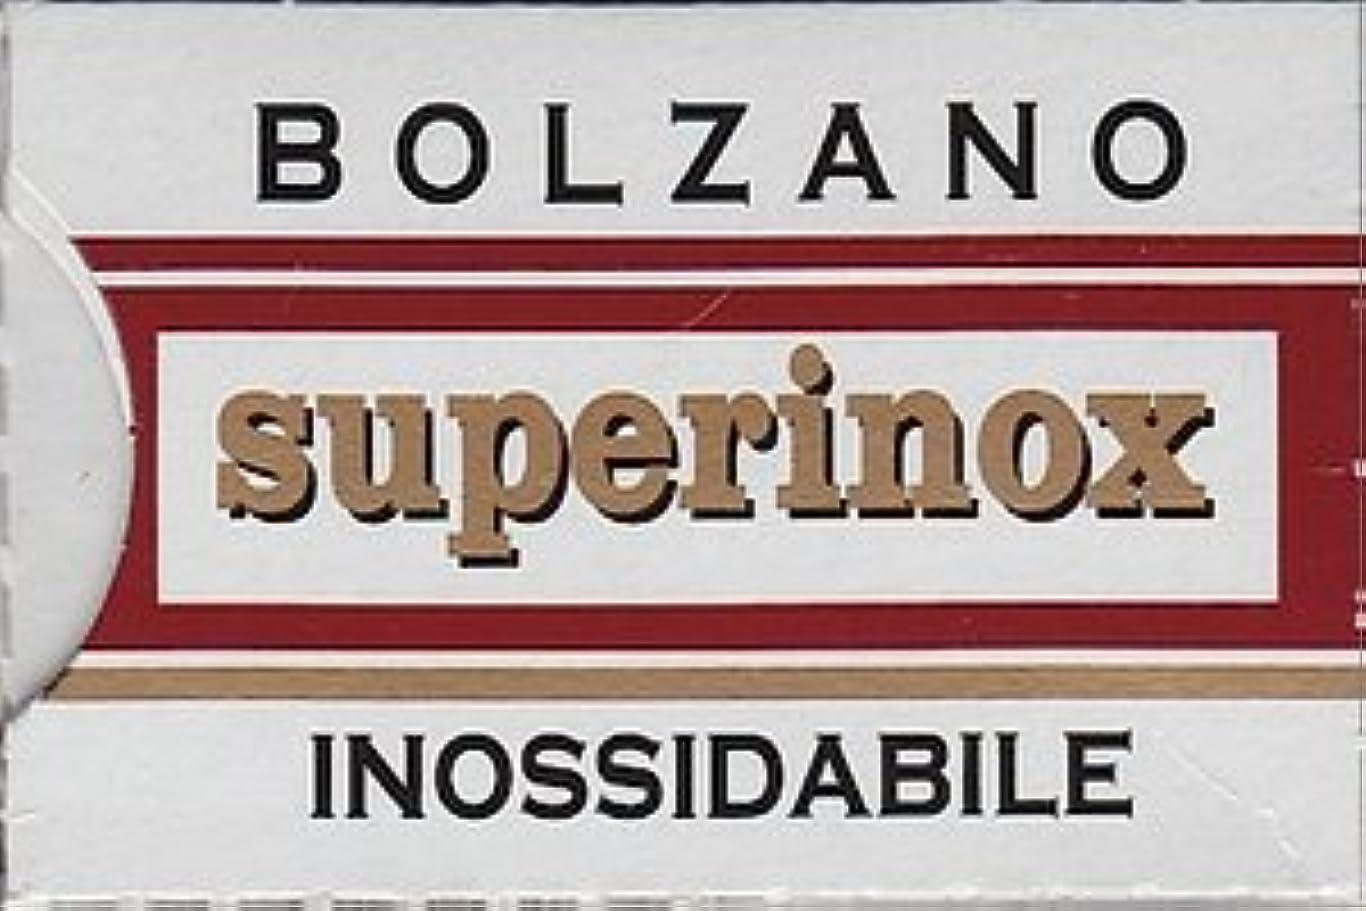 雪華氏慣習Bolzano Superinox Inossidabile 両刃替刃 5枚入り(5枚入り1 個セット)【並行輸入品】